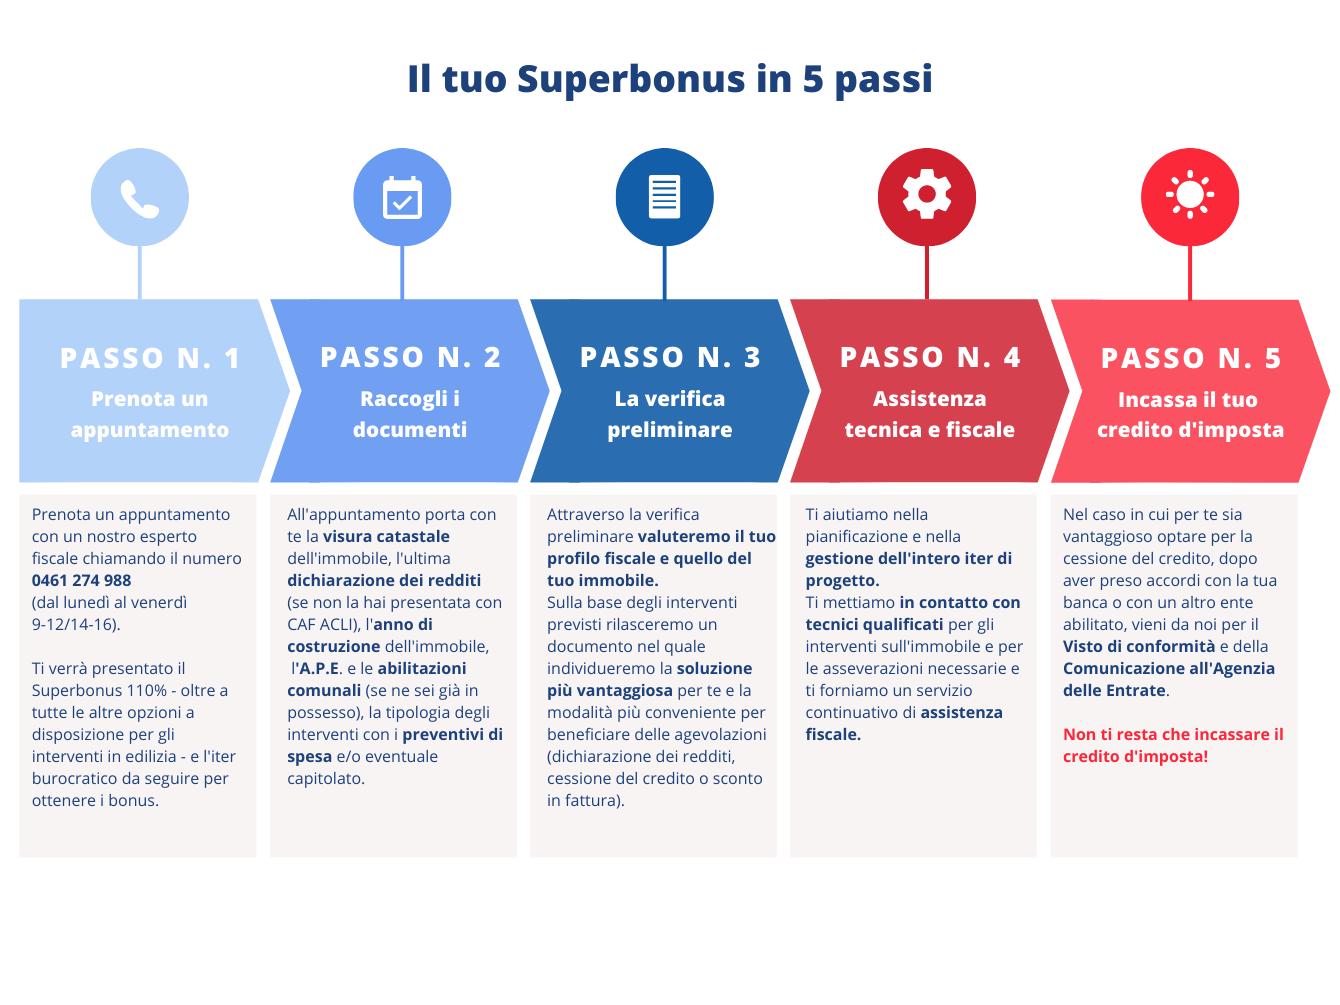 Il tuo Superbonus in 5 passi